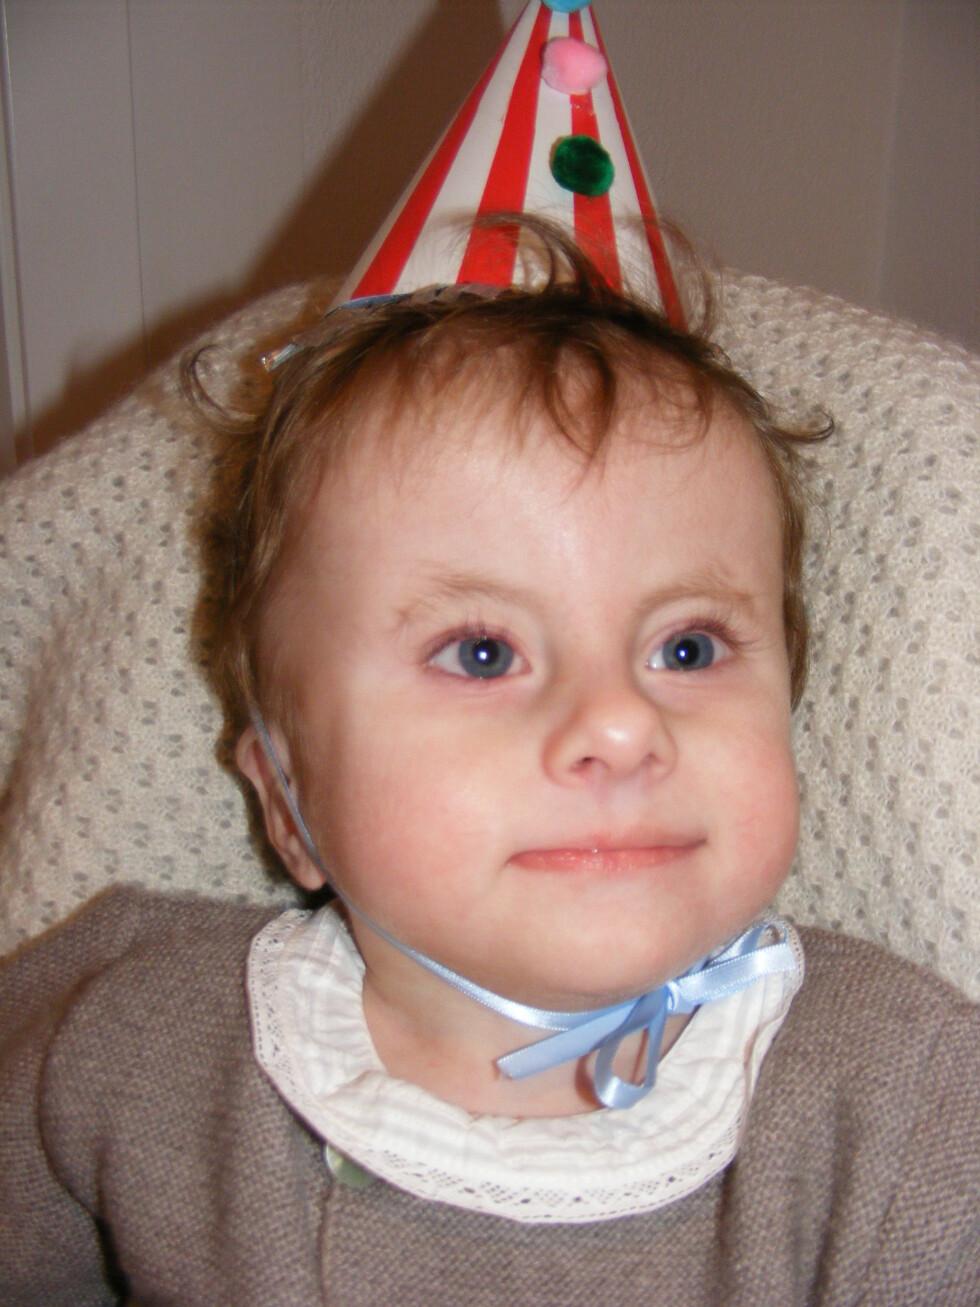 BURSDAGSGUTT: Nylig kunne Ole feire tre år, noe få barn med samme diagnose har fått oppleve. Foto: Privat